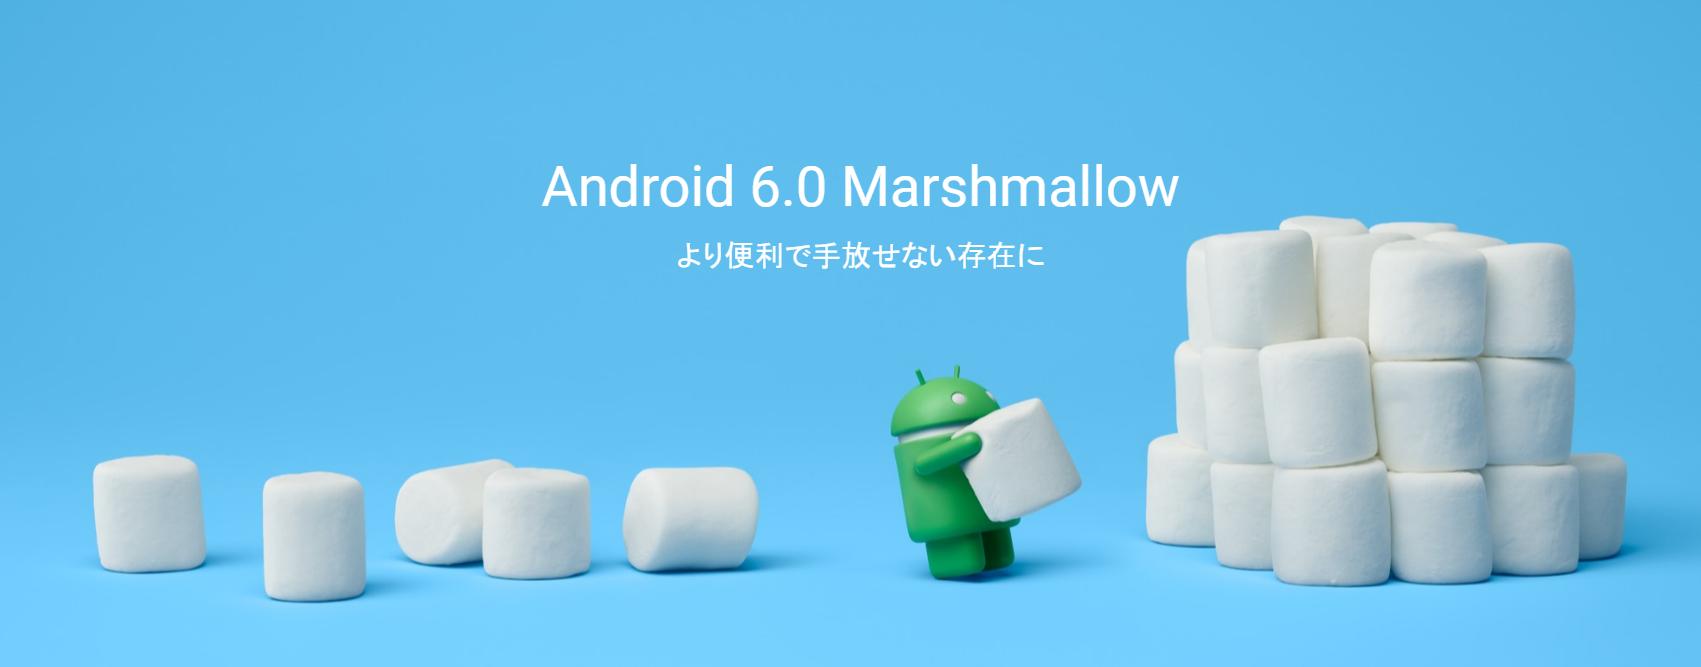 Android   アンドロイド 6.0 Marshmallow